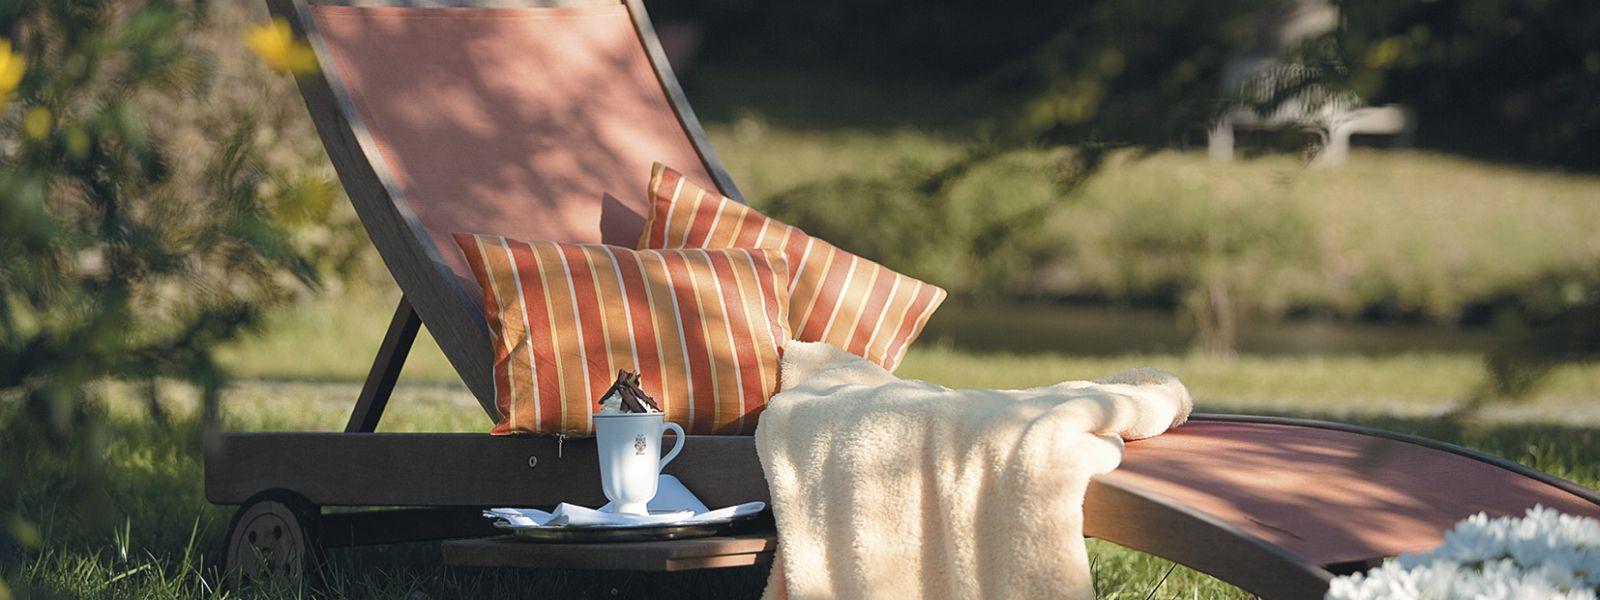 Liegestuhl im Hotelgarten für eine schöne SPA-Zeit